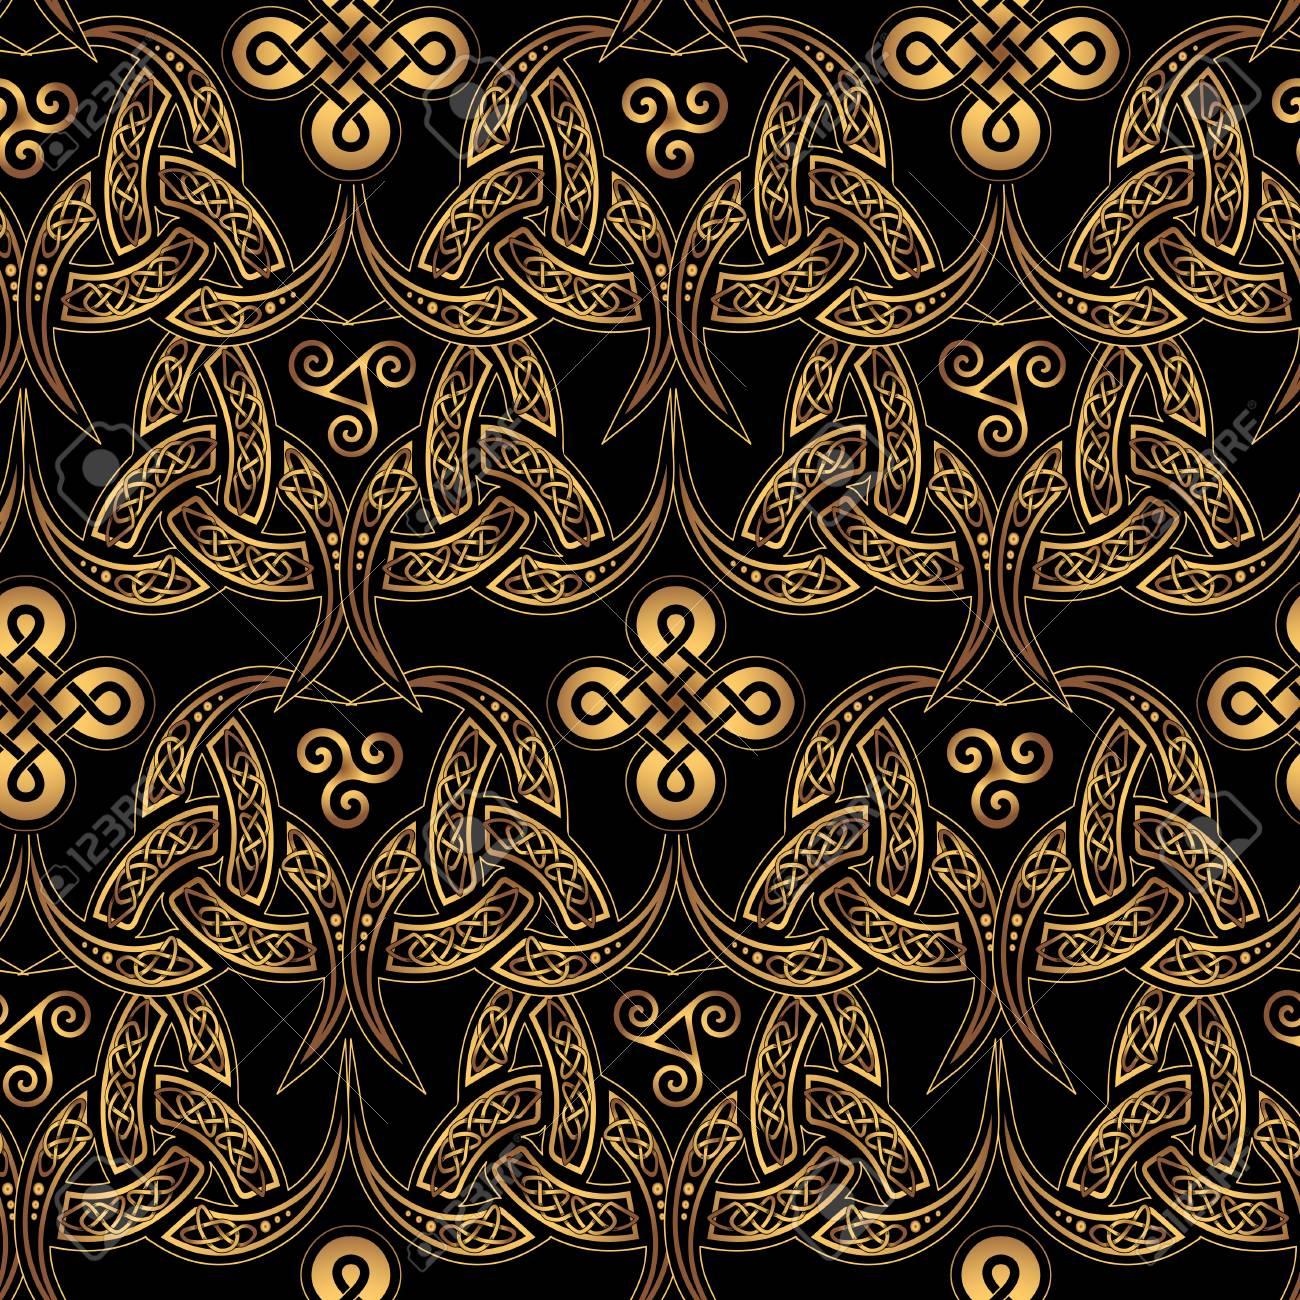 Fond D écran Sans Couture Celtique Scandinave élégants Motifs Ethniques Dorés De Druides Sur Un Fond Noir